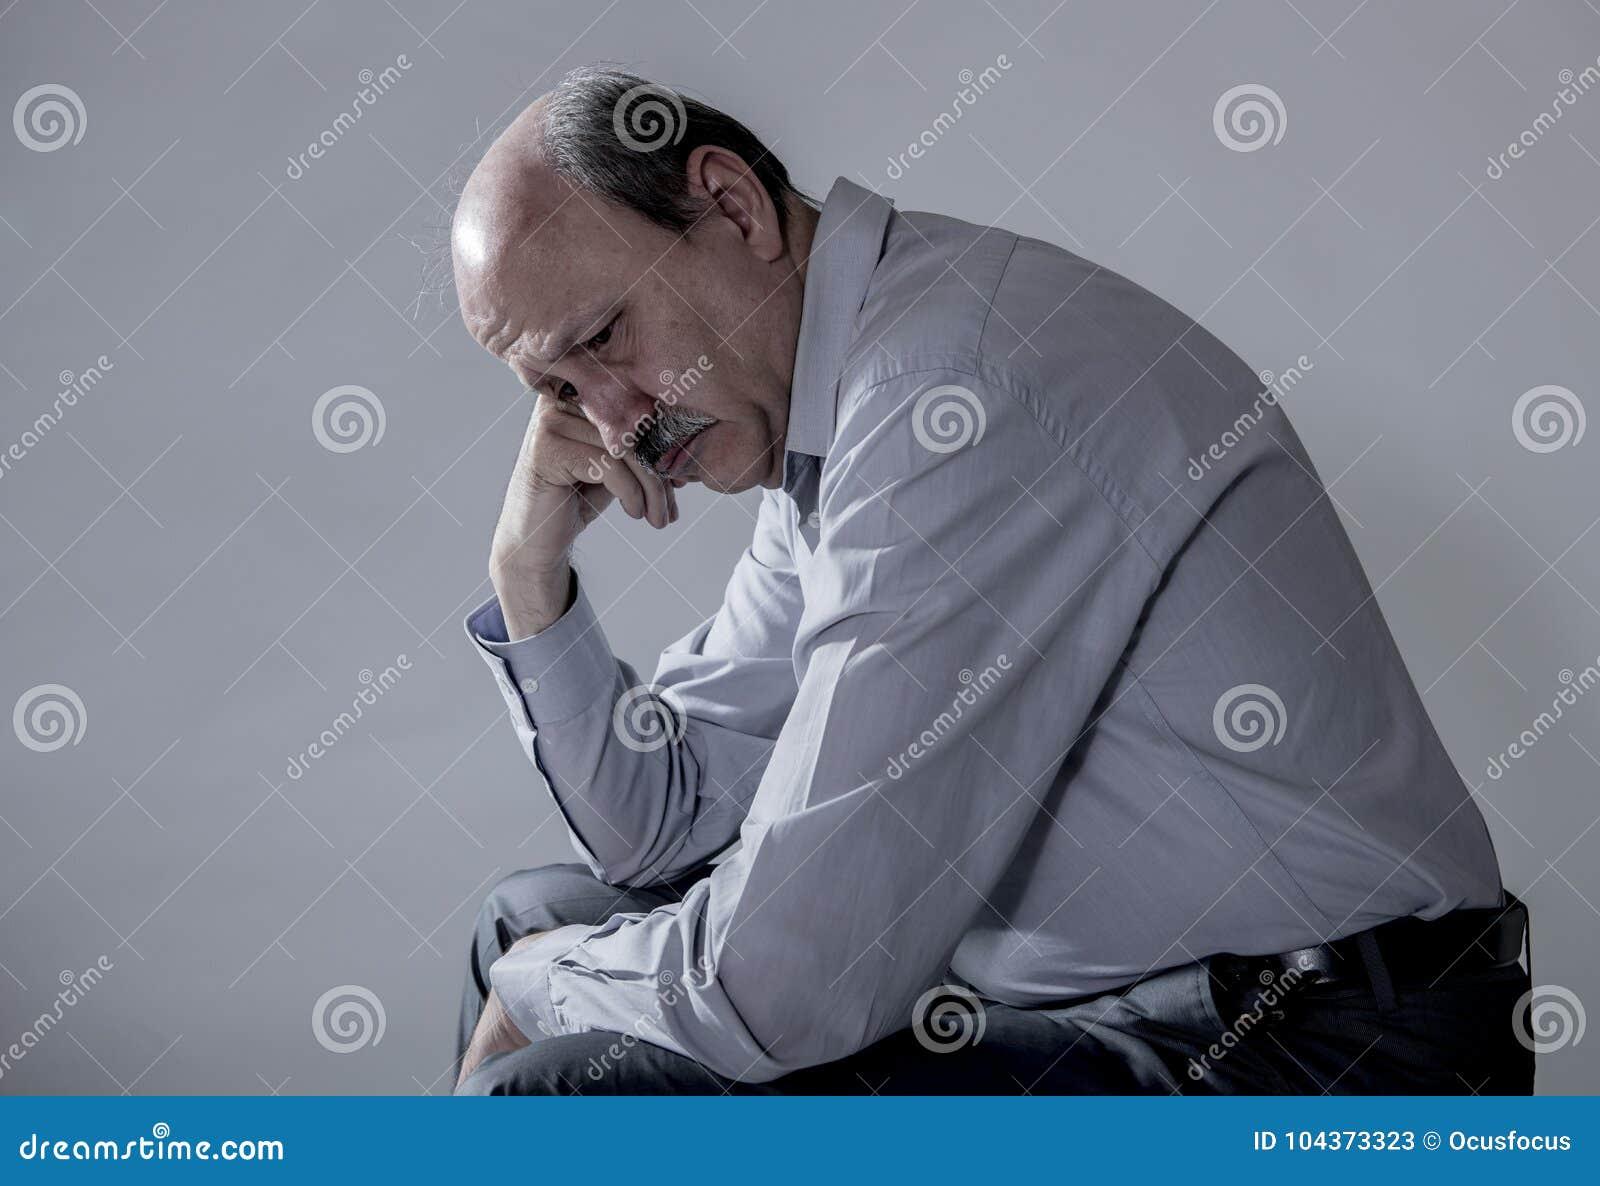 Retrato principal do ancião maduro superior em seu 60s que olha dor e depressão de sofrimento tristes e preocupadas na expressão